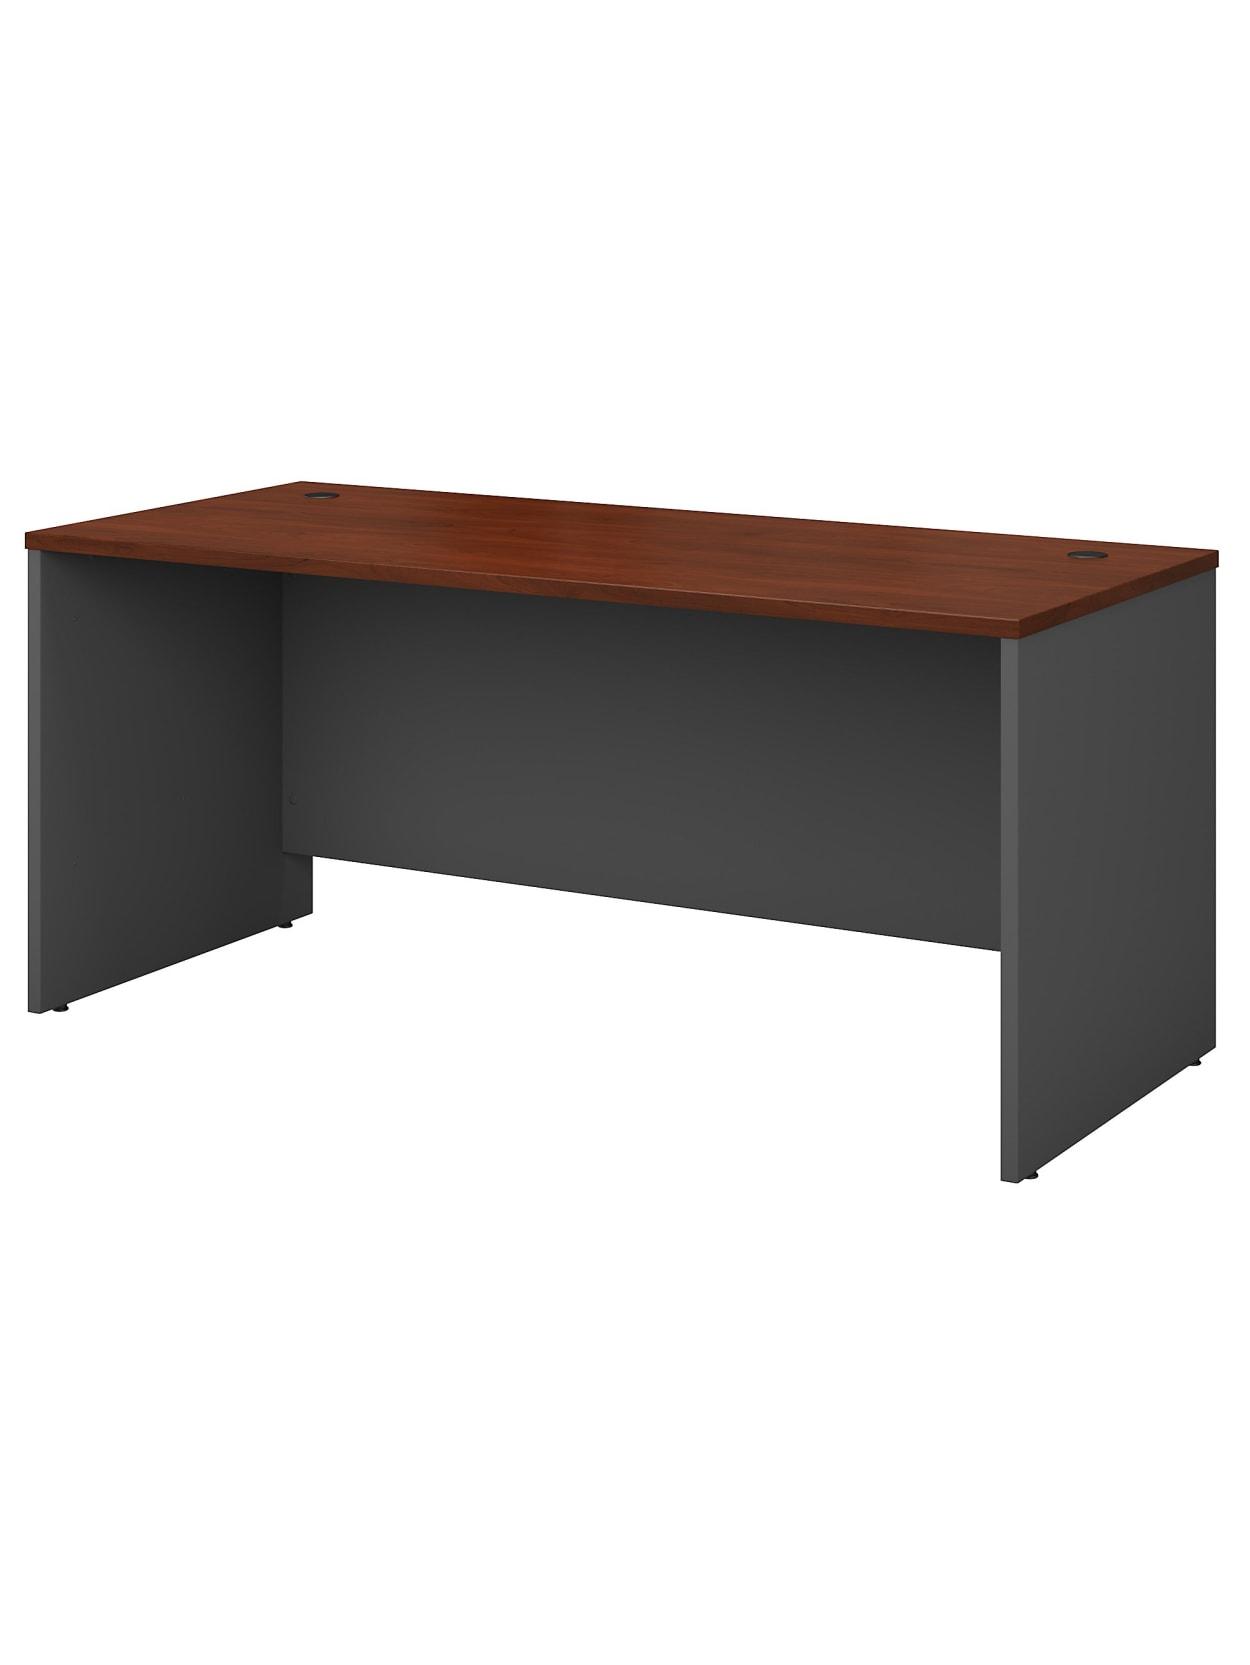 Bush Business Furniture Components Office Desk 66 W x 30 D Hansen